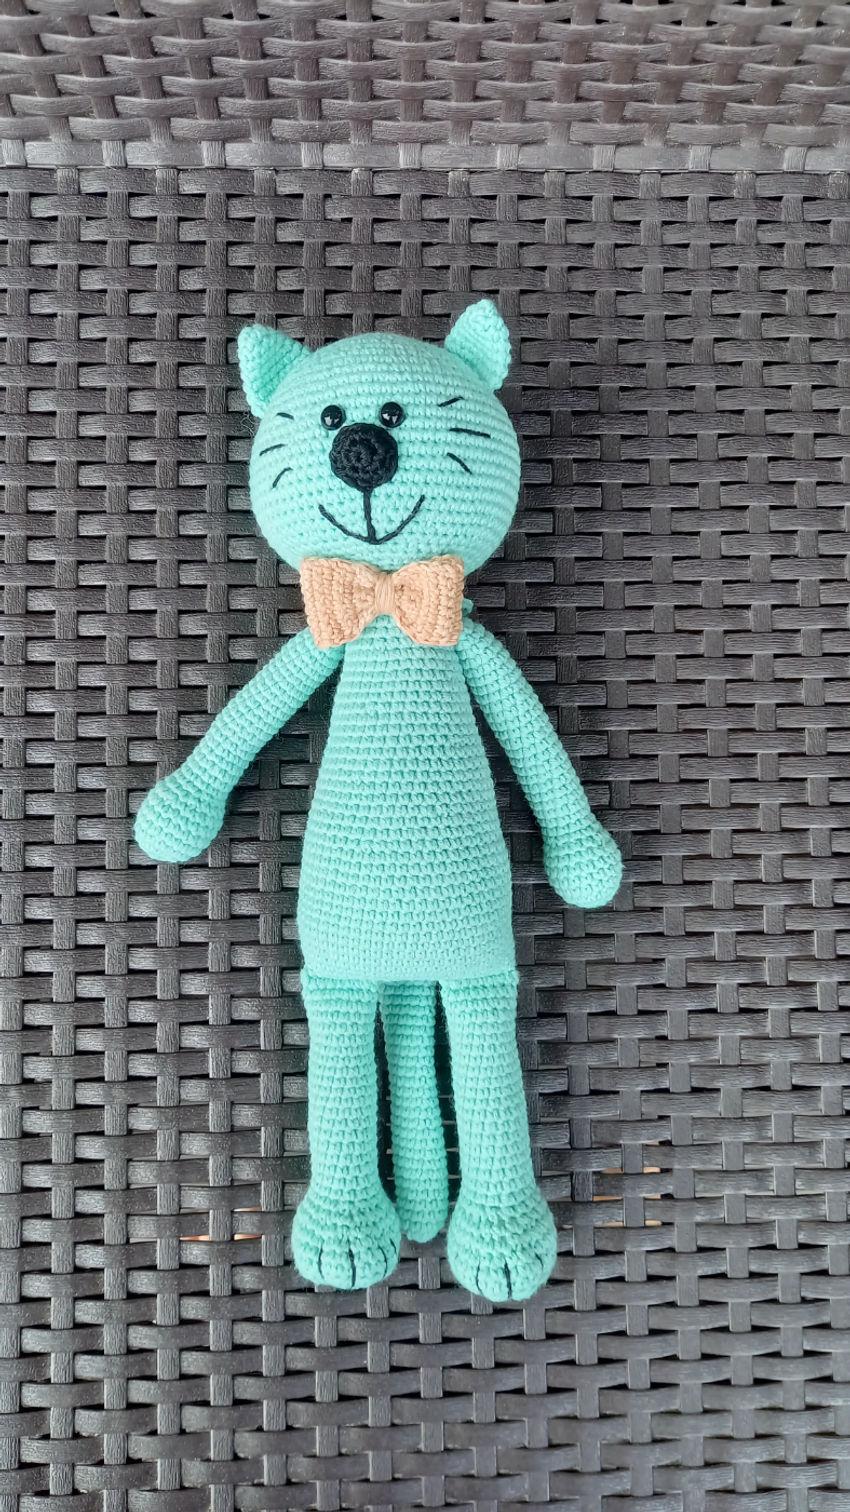 žaislai | minkšti | linksmuolis mėtinis kačiukas su petelišk